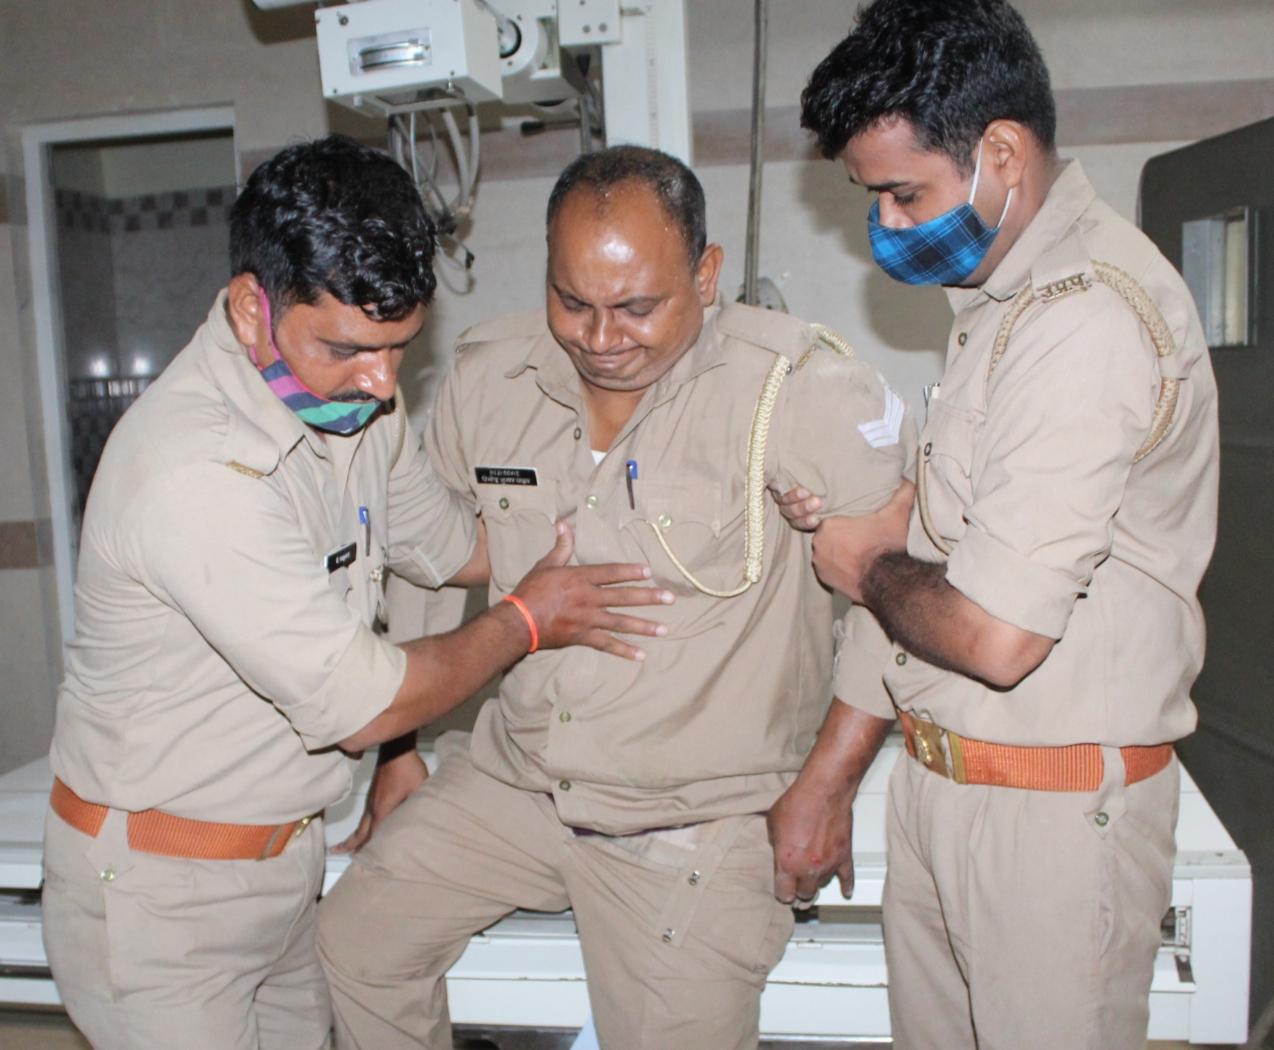 पुलिस मंदिर के गेट पर ईंट गिरने की जांच कर ही रही थी, इसी दौरान छत का पत्थर टूट गया और सिपाही विनोद यादव घायल हो गया।